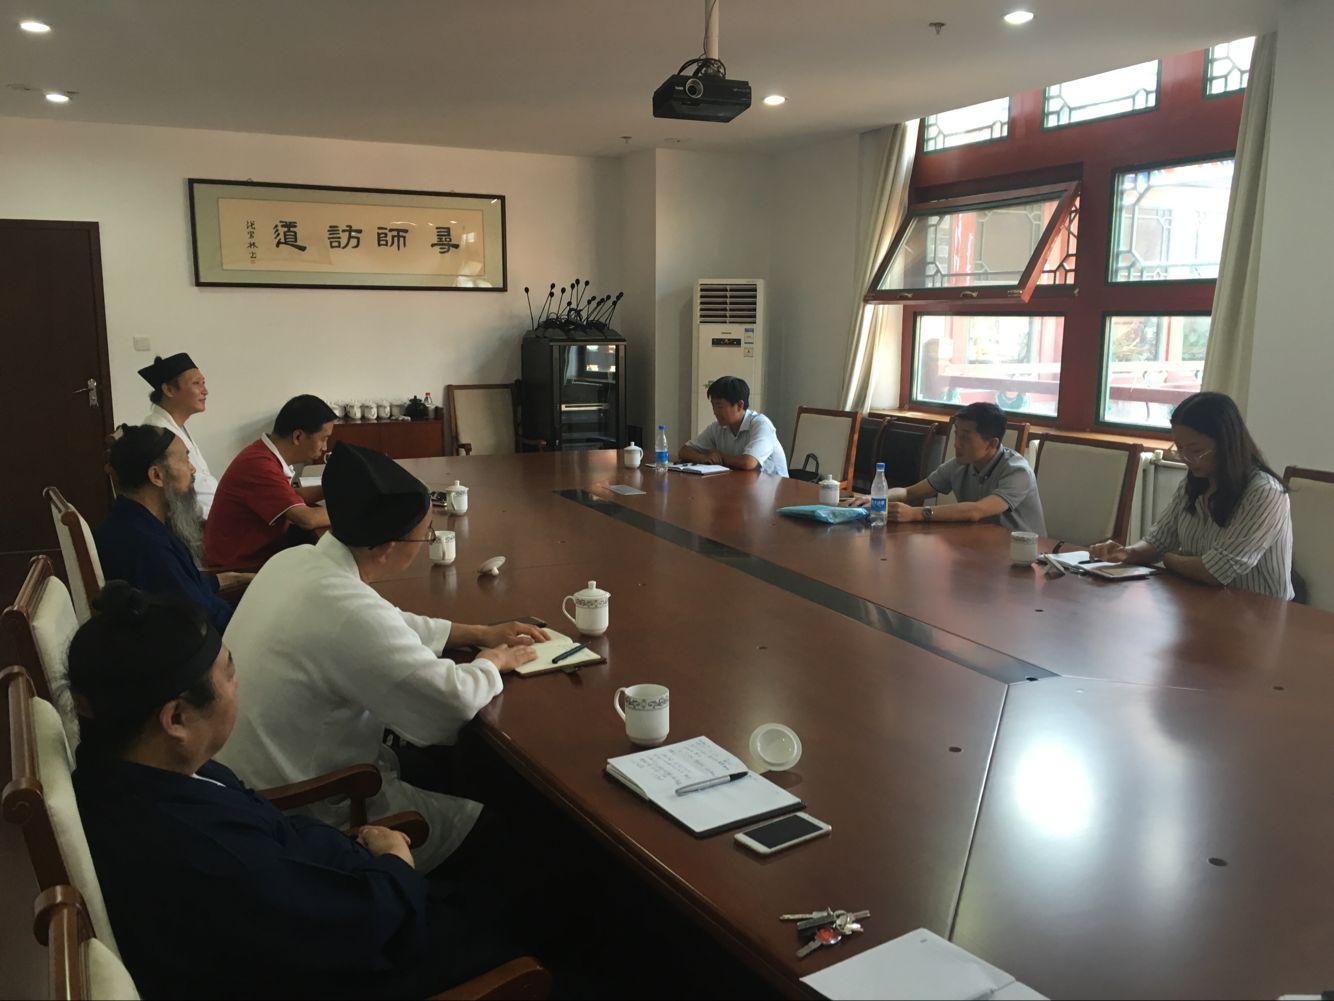 国家宗教局四司副司长一行到中国道教学院慰问